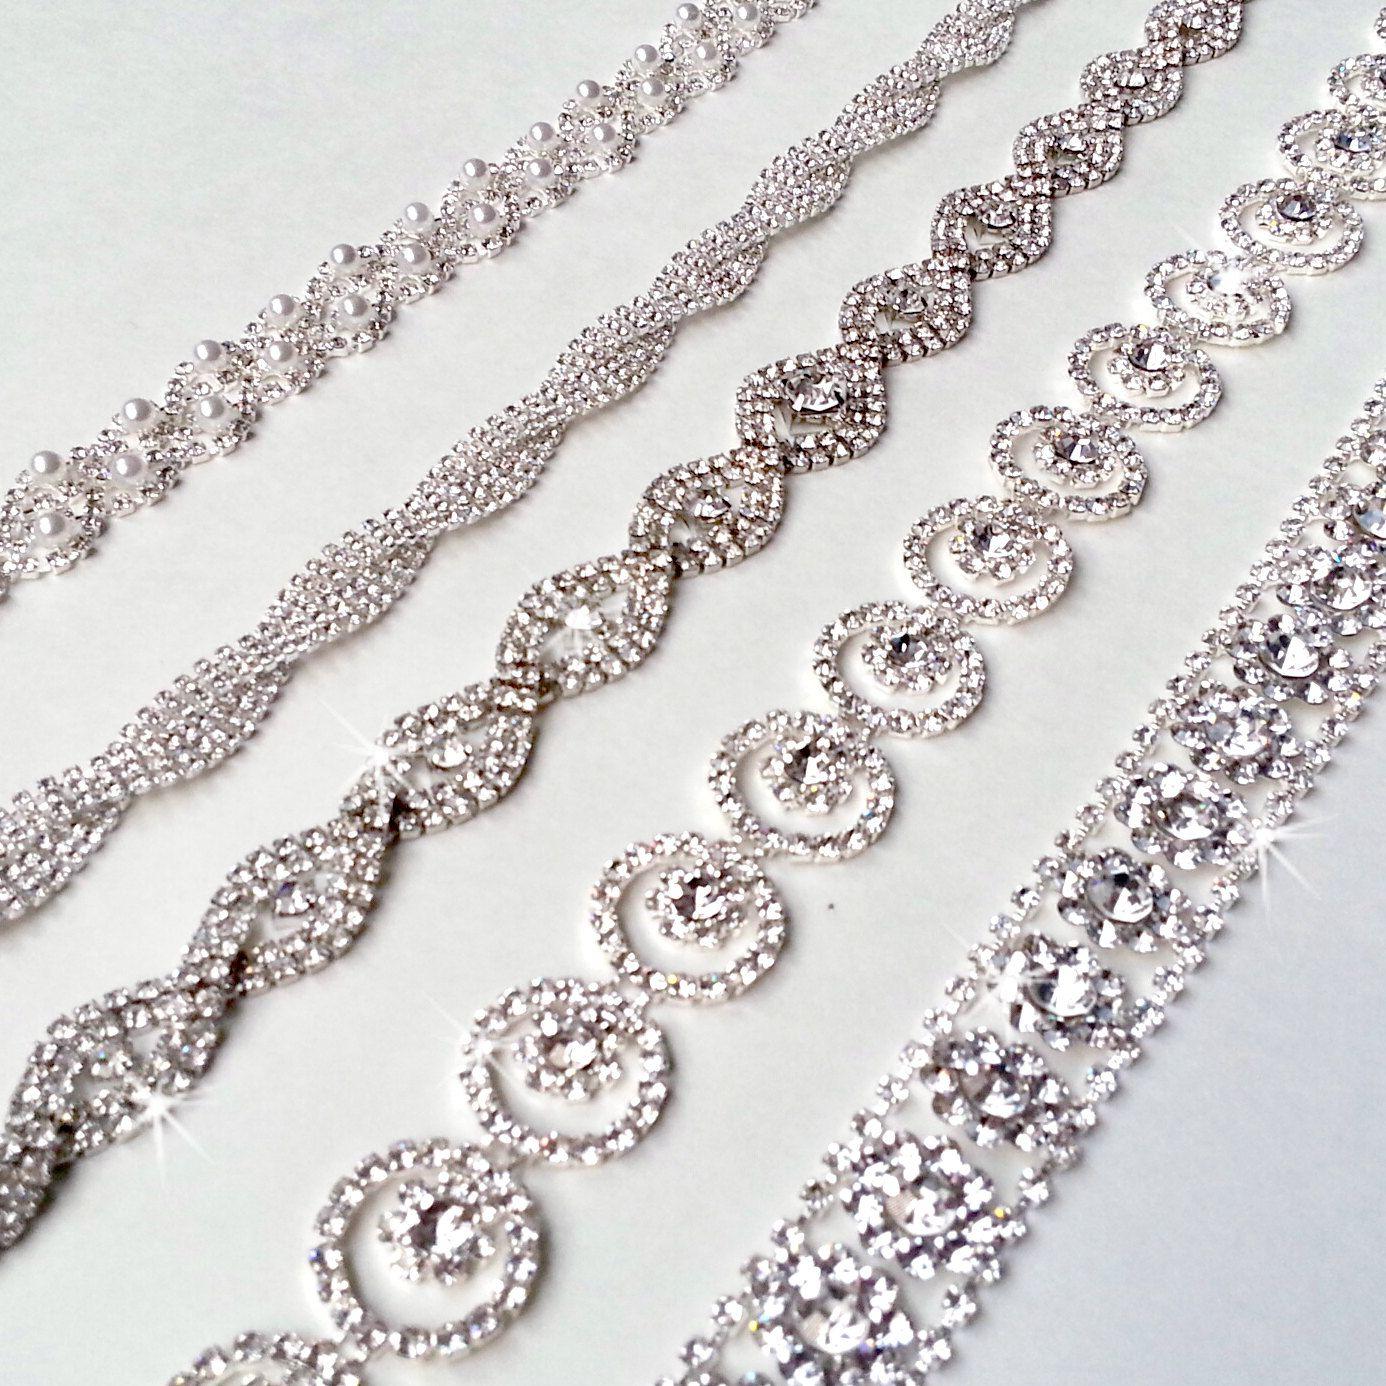 wedding belts for dresses Glamorous Rhinestone Bridal Belt Sash Custom Ribbon White Ivory Silver Crystal Wedding Dress Belt Extra Long